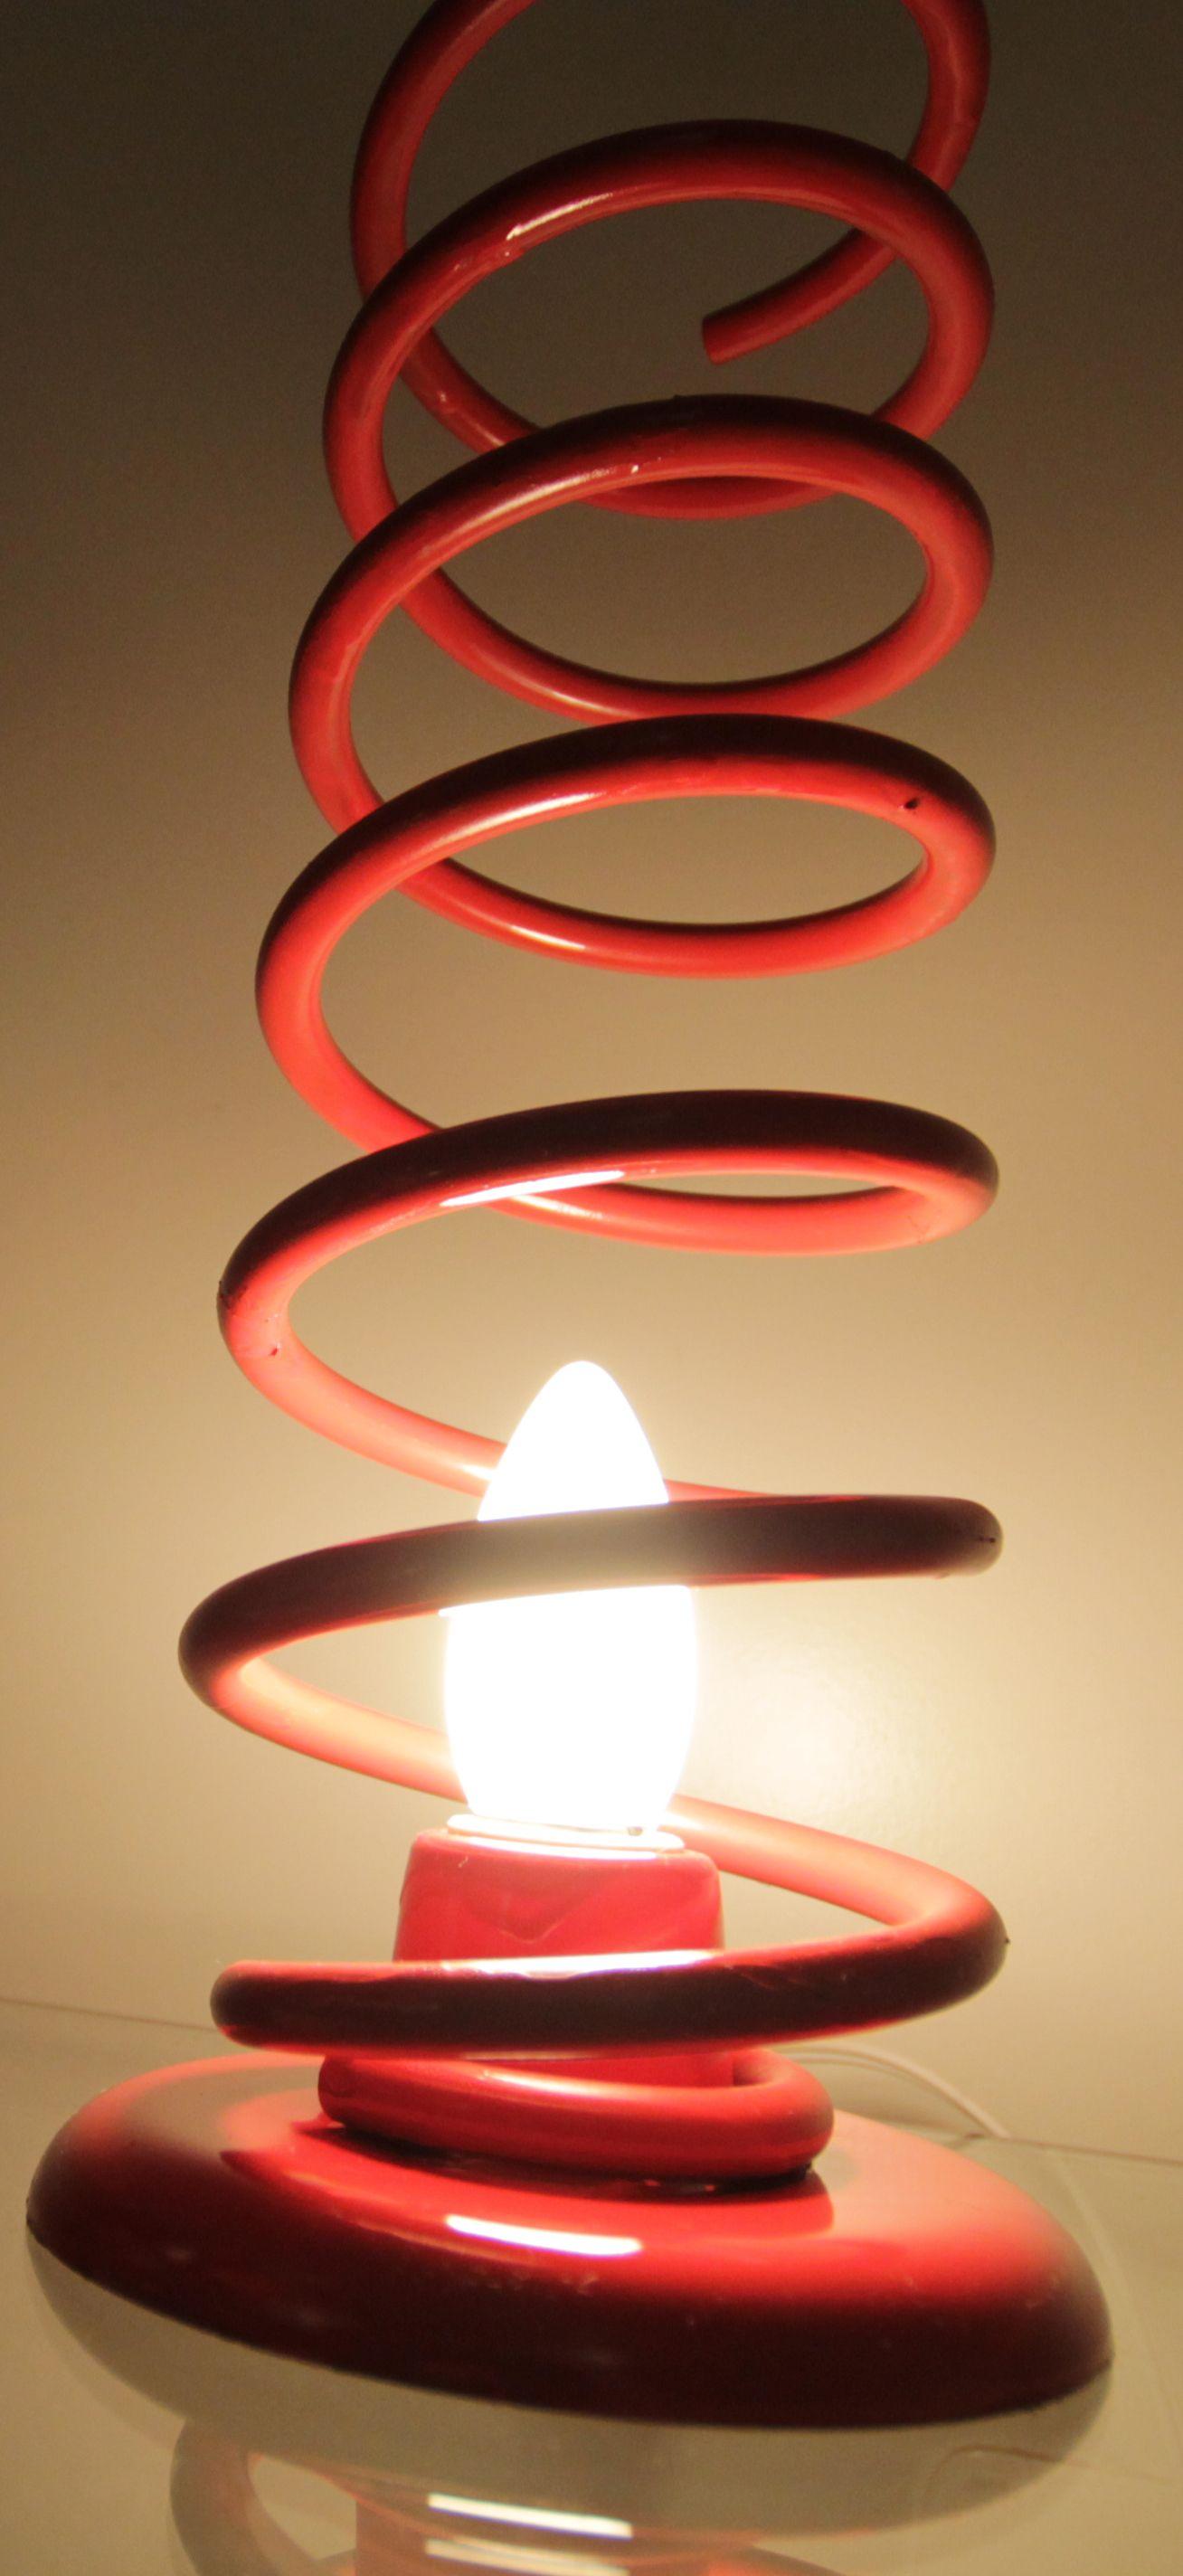 Luminárias Criativas, design Geysa Apel - vendas: www.isabelladalfovo.com